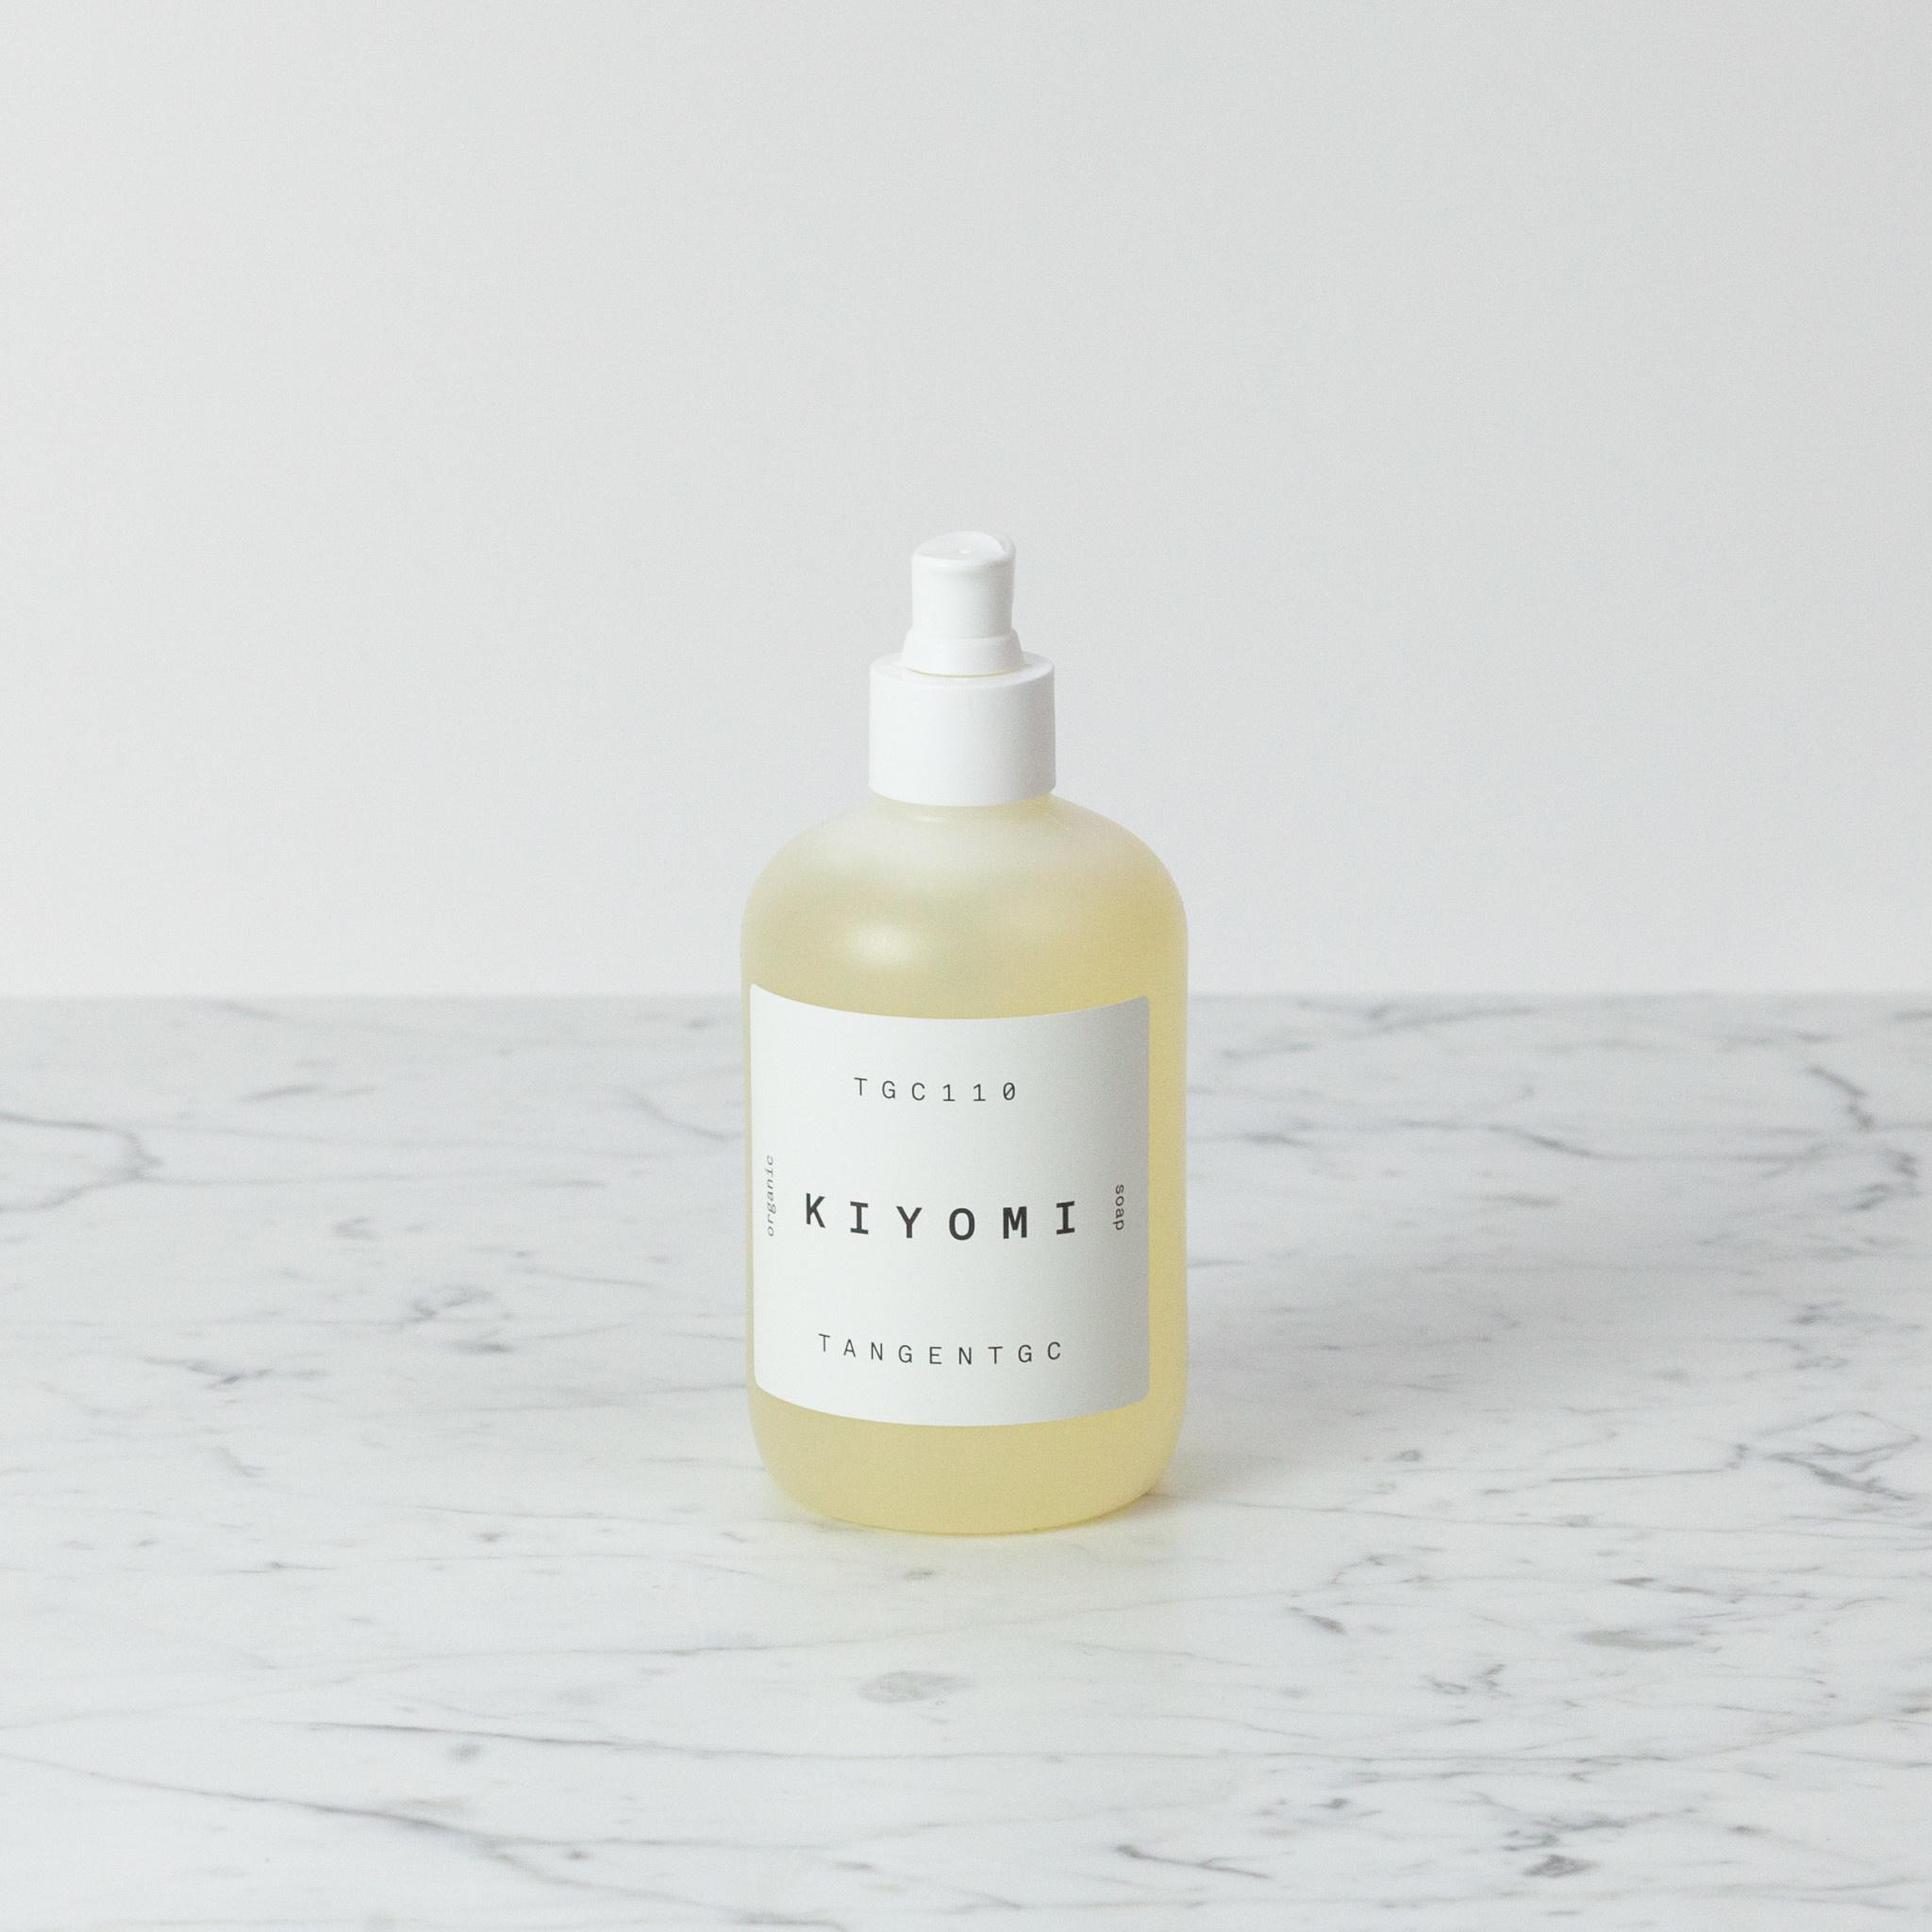 TGC Kiyomi Organic Liquic Soap - 11.8 oz